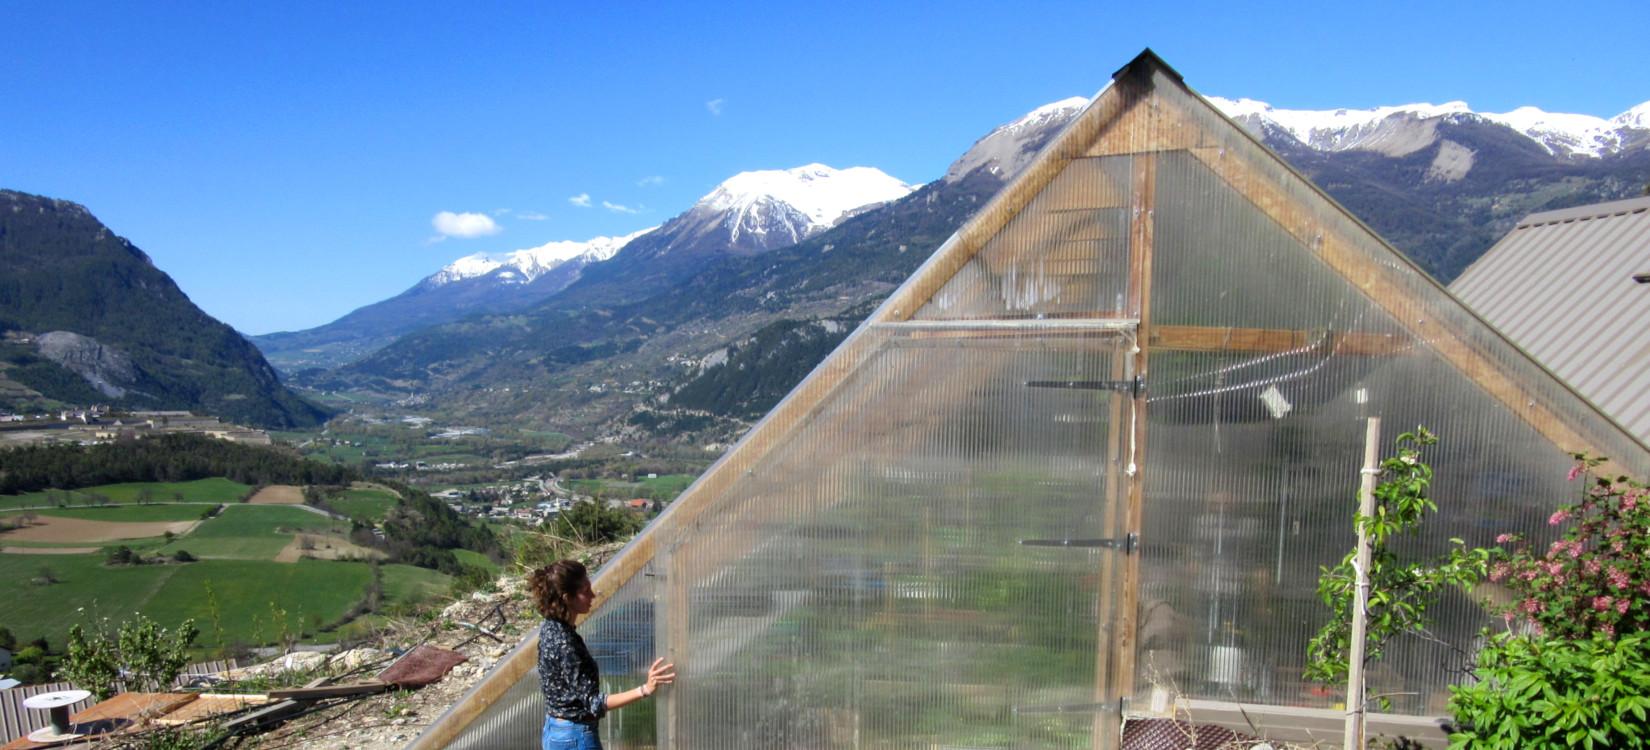 Sous le soleil provençal, des serres bioclimatiques pour une exploitation agricole autonome et écoresponsable